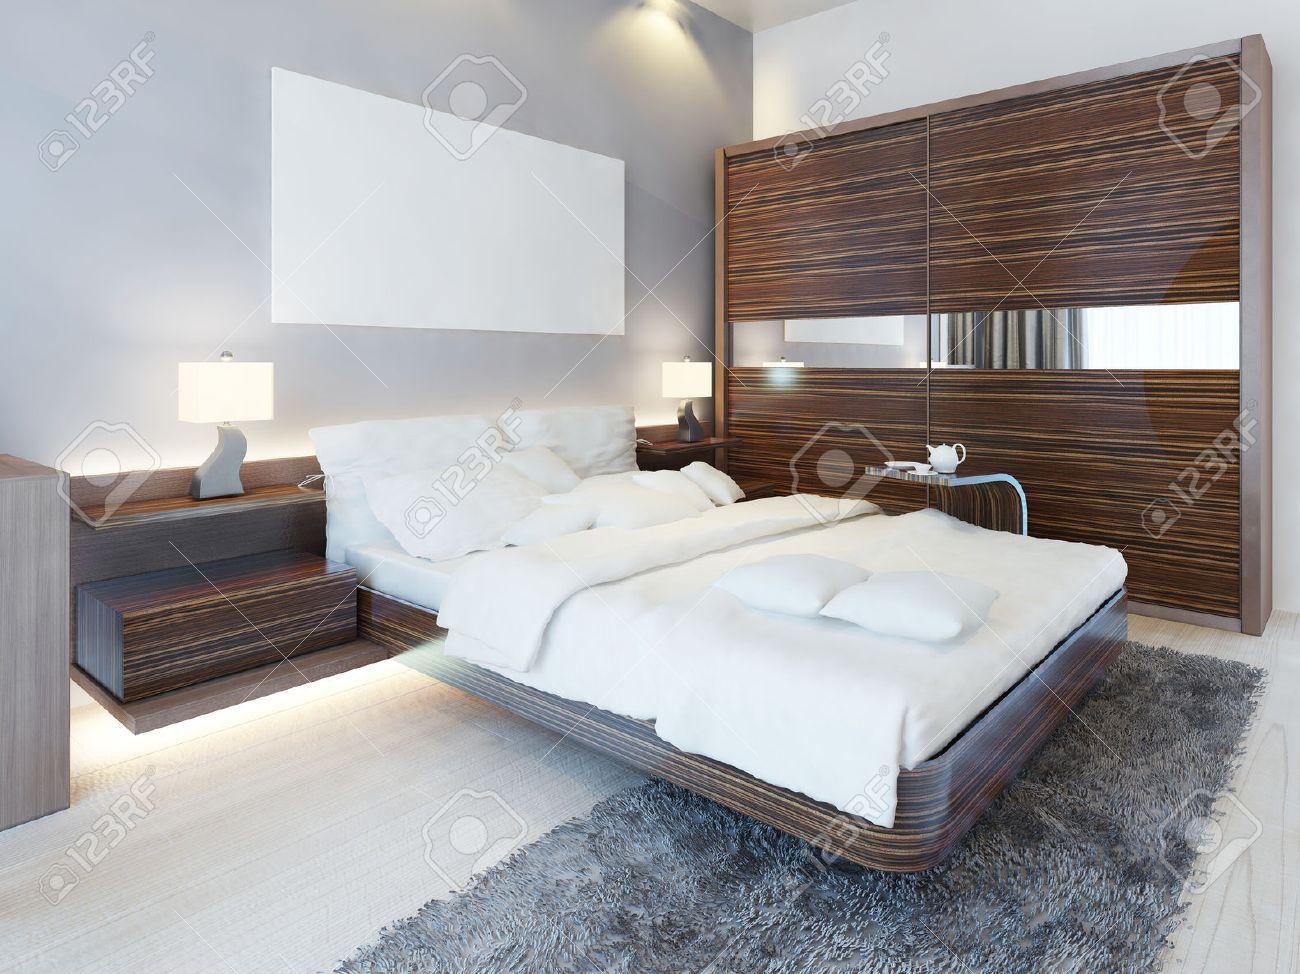 Dormitorio Contemporáneo En Colores Blanco Y Muebles De Zebrano ...